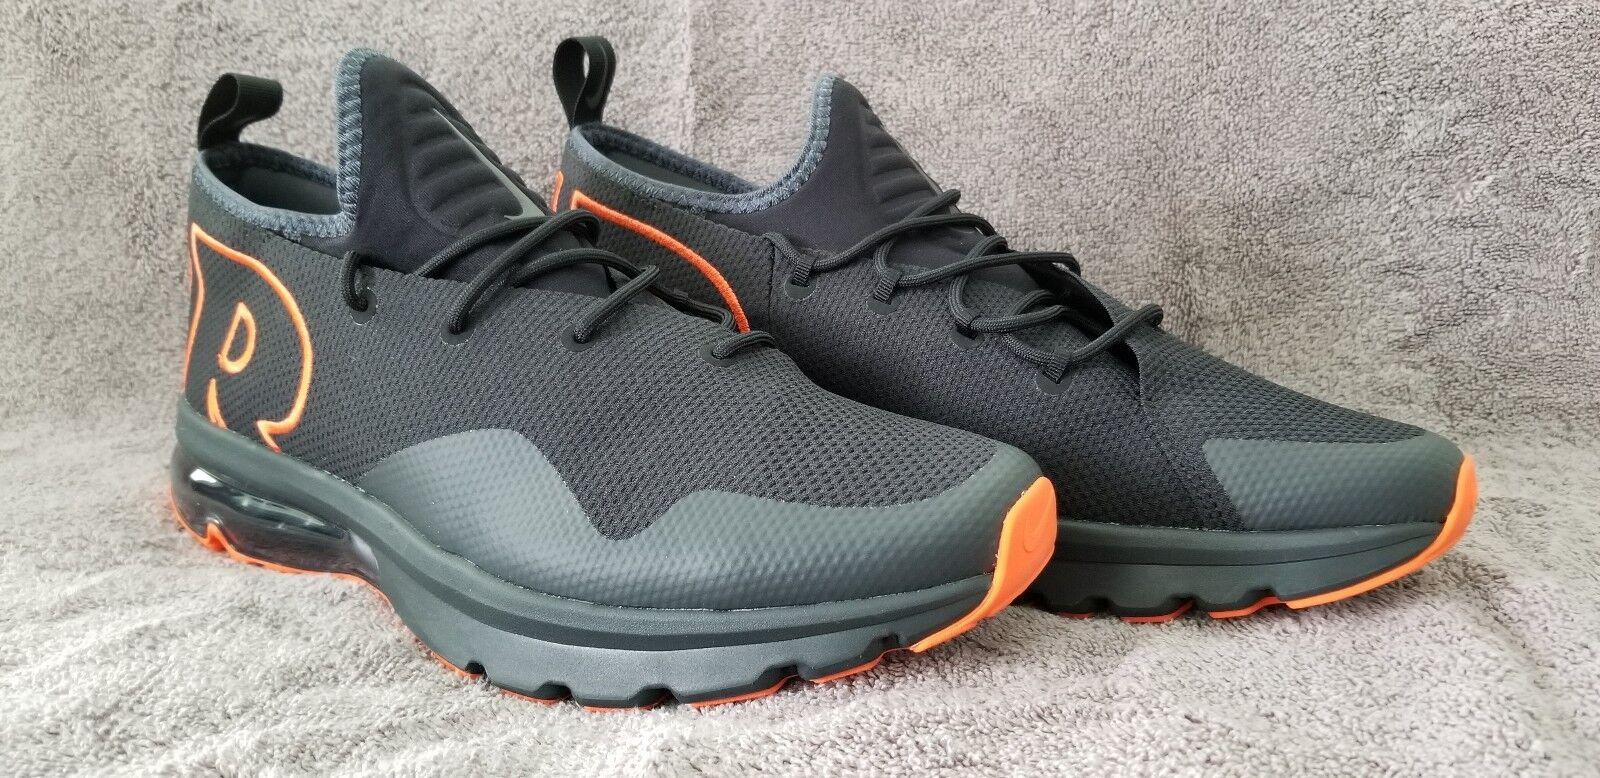 AH9949-001 Nike Air Max Flair 50 P Mens Size 11.5